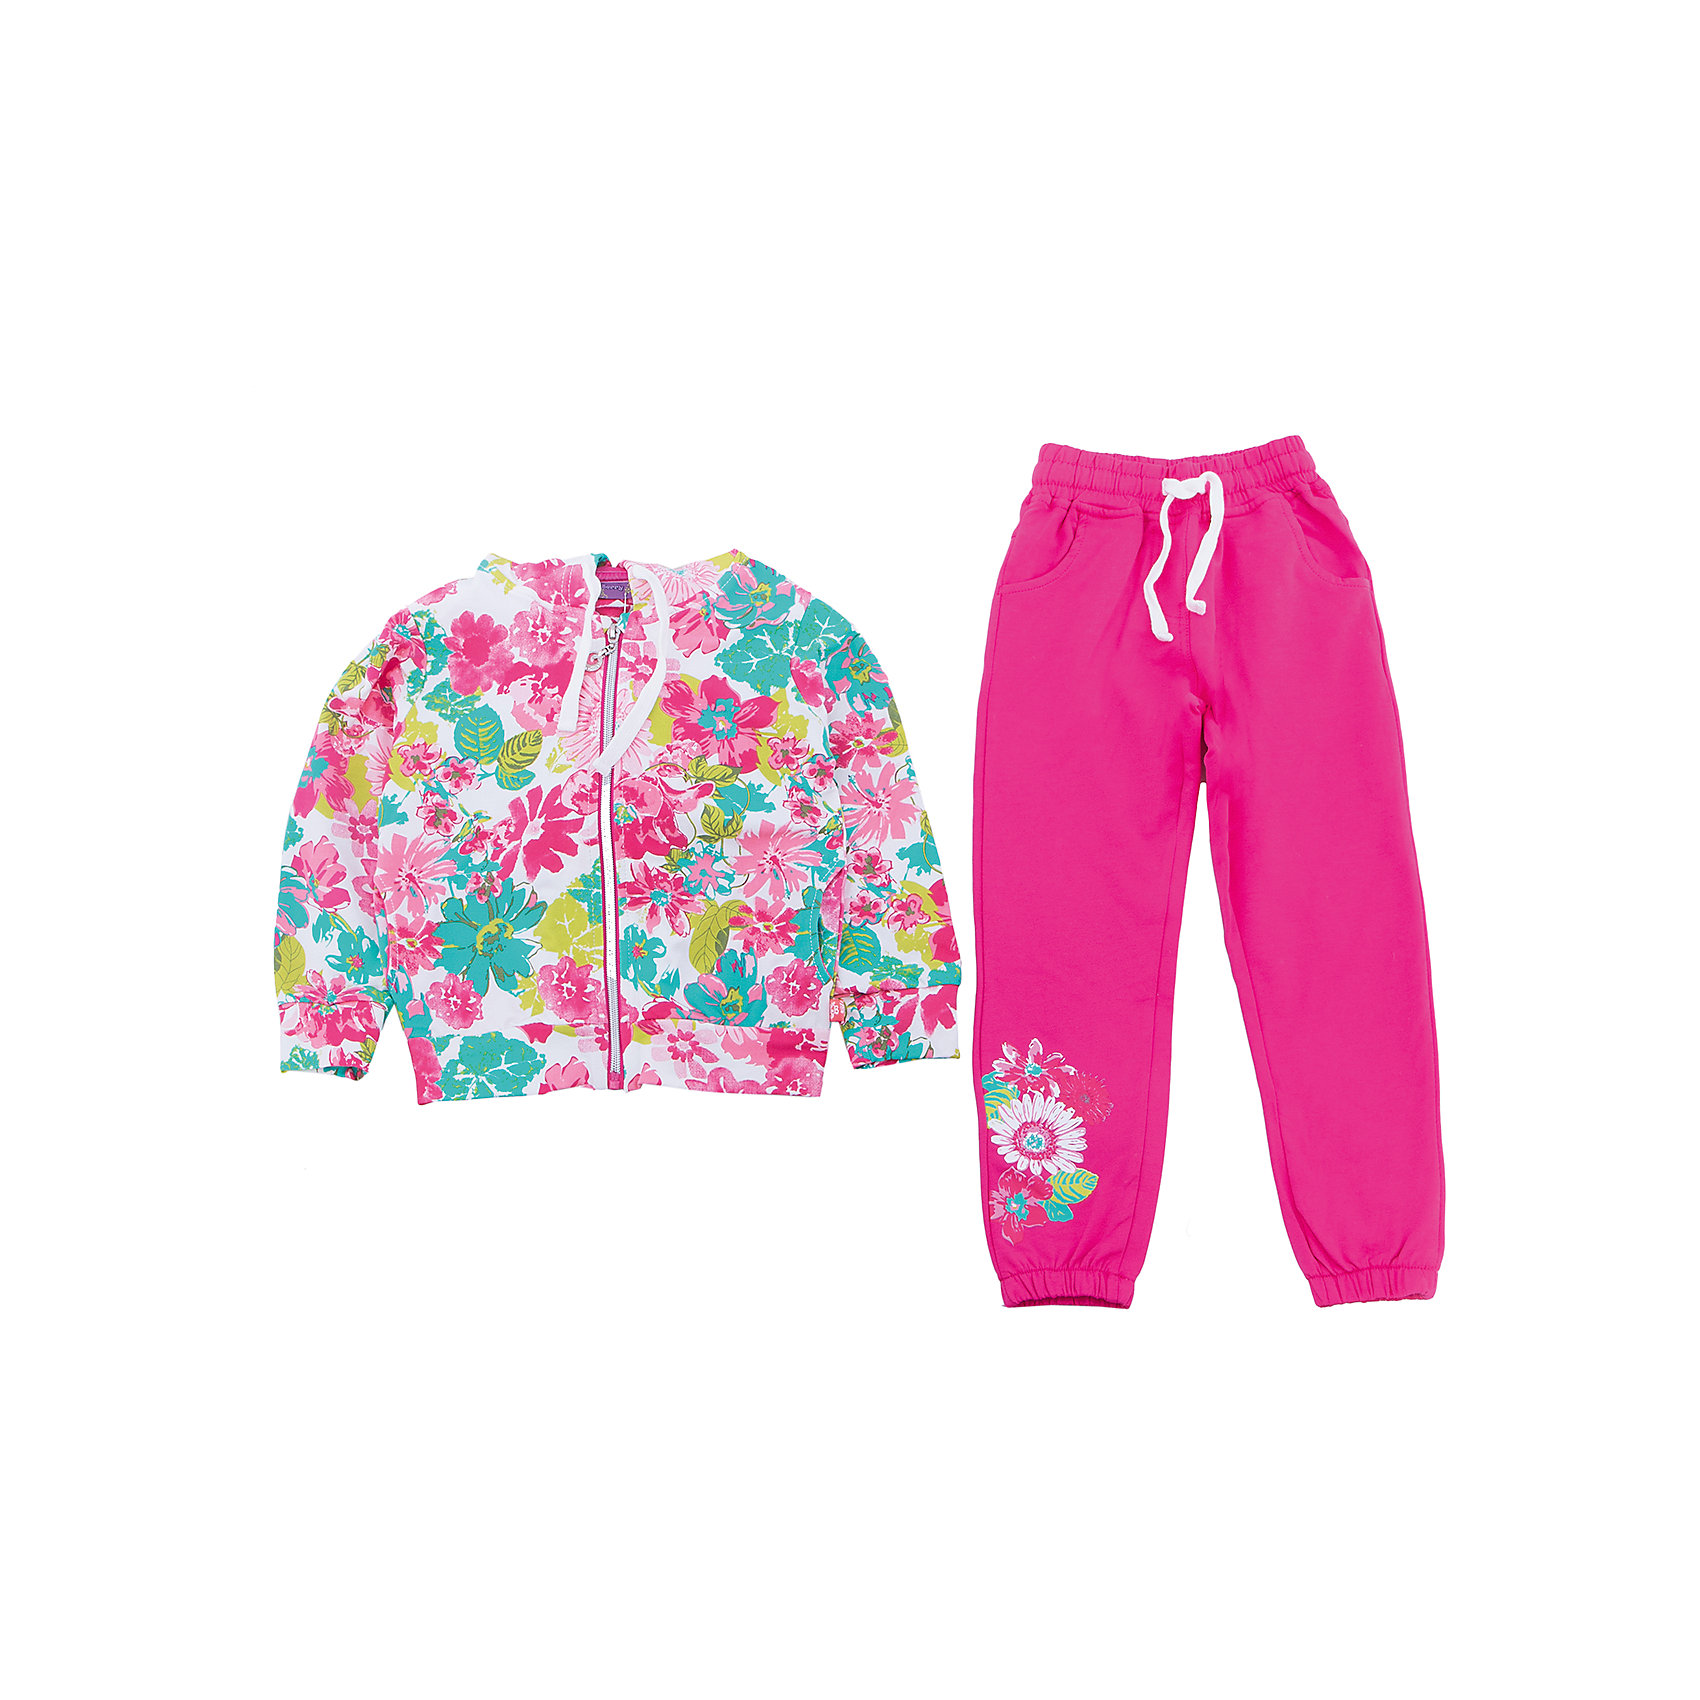 Спортивный костюм для девочки Sweet BerryКомплекты<br>Трикотажный спортивный костюм для девочки. Куртка из принтованой ткани, застегивается на молнию. Брюки спортивного стиля с зауженным низом собранные на мягкую резинку Декорированые аппликацией. Пояс-резинка дополнен шнуром для регулирования объема.<br>Состав:<br>95%хлопок 5%эластан<br><br>Ширина мм: 247<br>Глубина мм: 16<br>Высота мм: 140<br>Вес г: 225<br>Цвет: разноцветный<br>Возраст от месяцев: 36<br>Возраст до месяцев: 48<br>Пол: Женский<br>Возраст: Детский<br>Размер: 116,122,128,104,98,110<br>SKU: 5412569